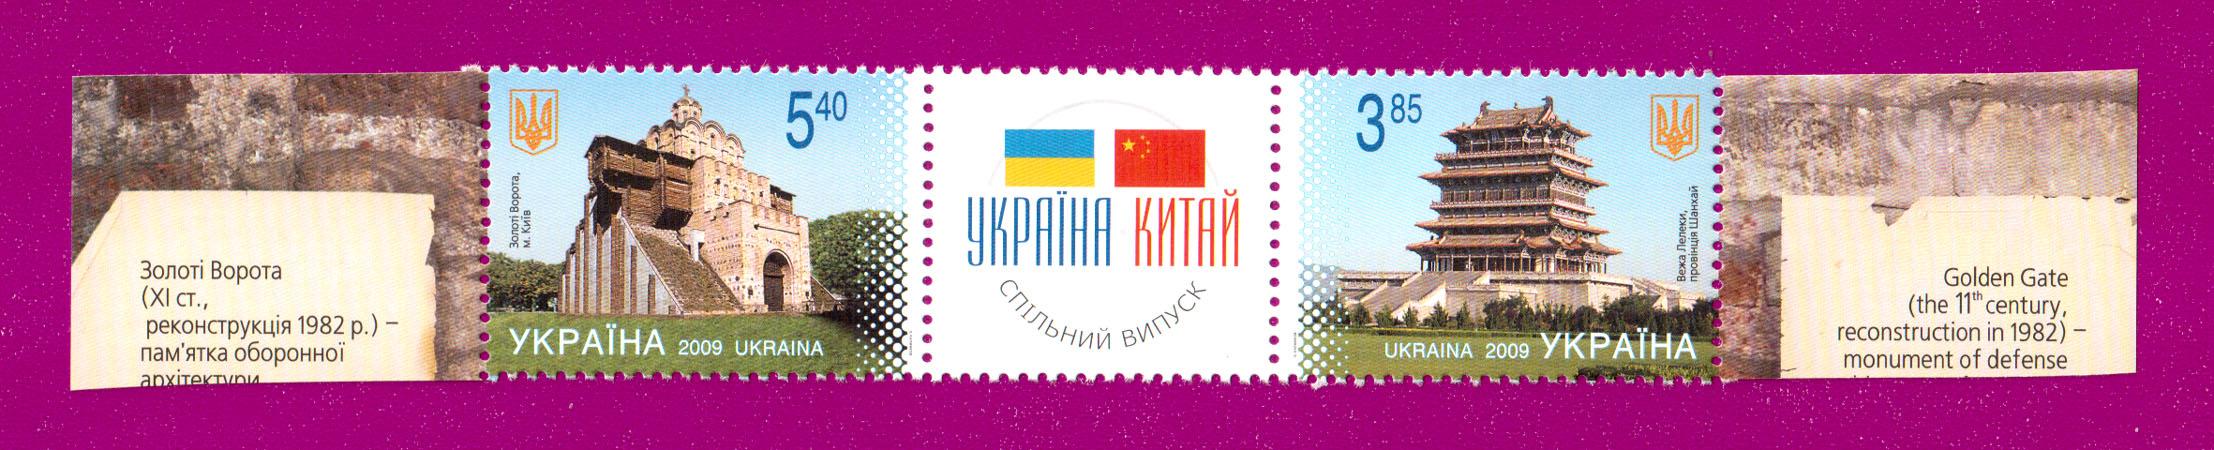 2009 N994-995 сцепка Украина-Китай храмы религия Украина